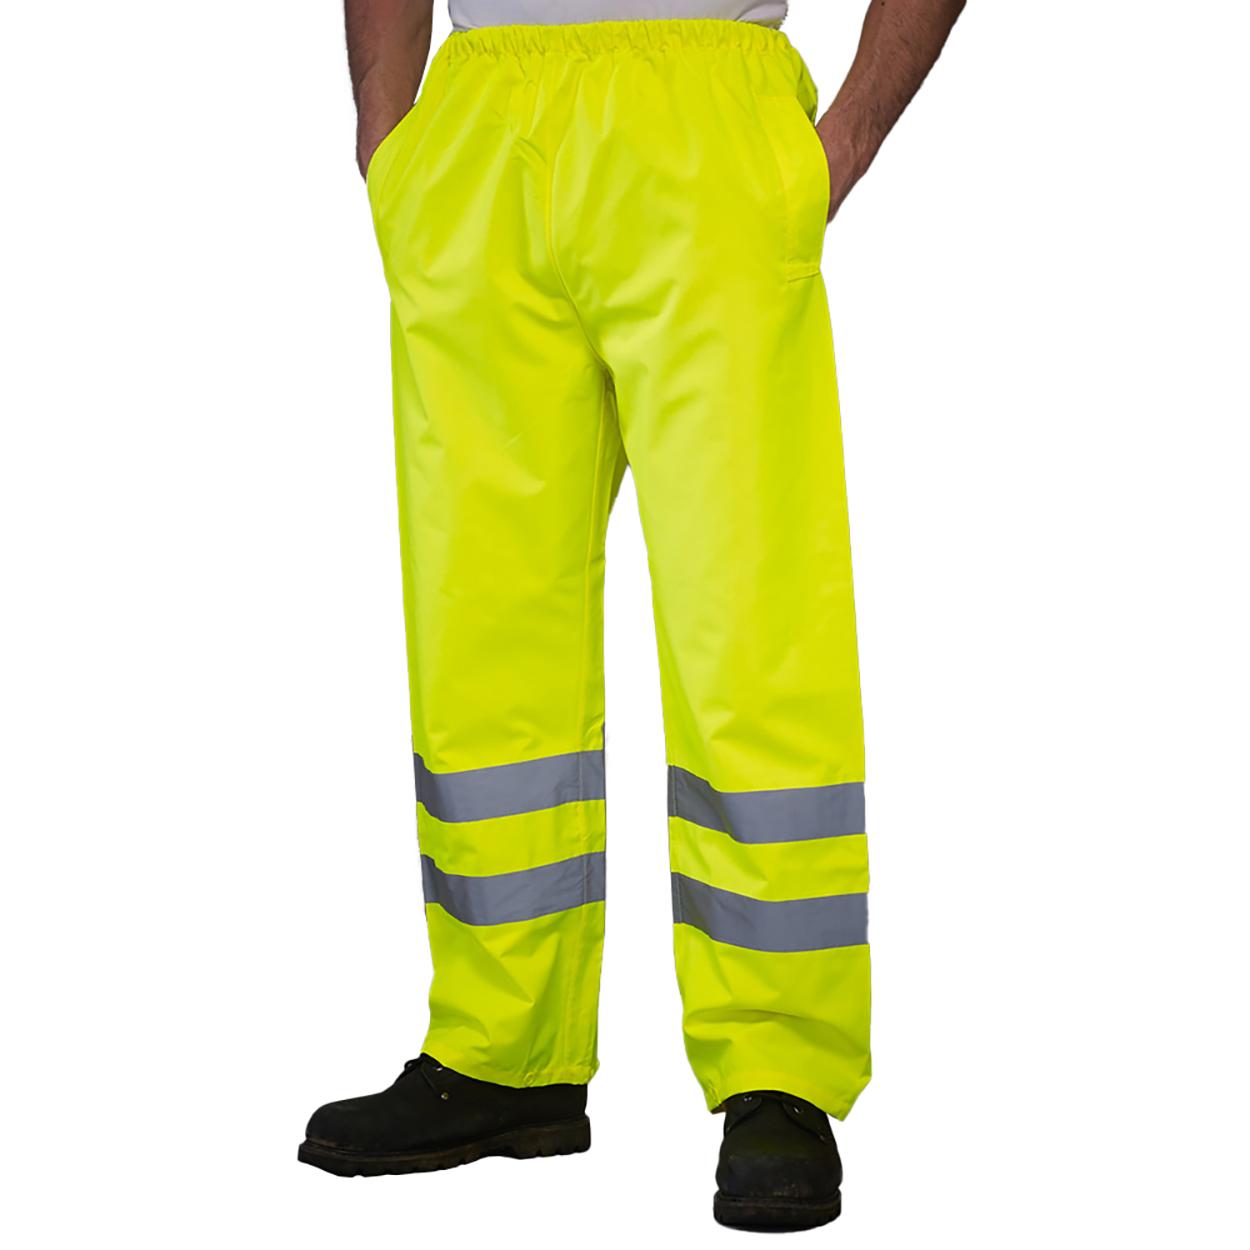 Coupe r/éguli/ère YOKO Homme Pantalon de Travail Haute visibilit/é